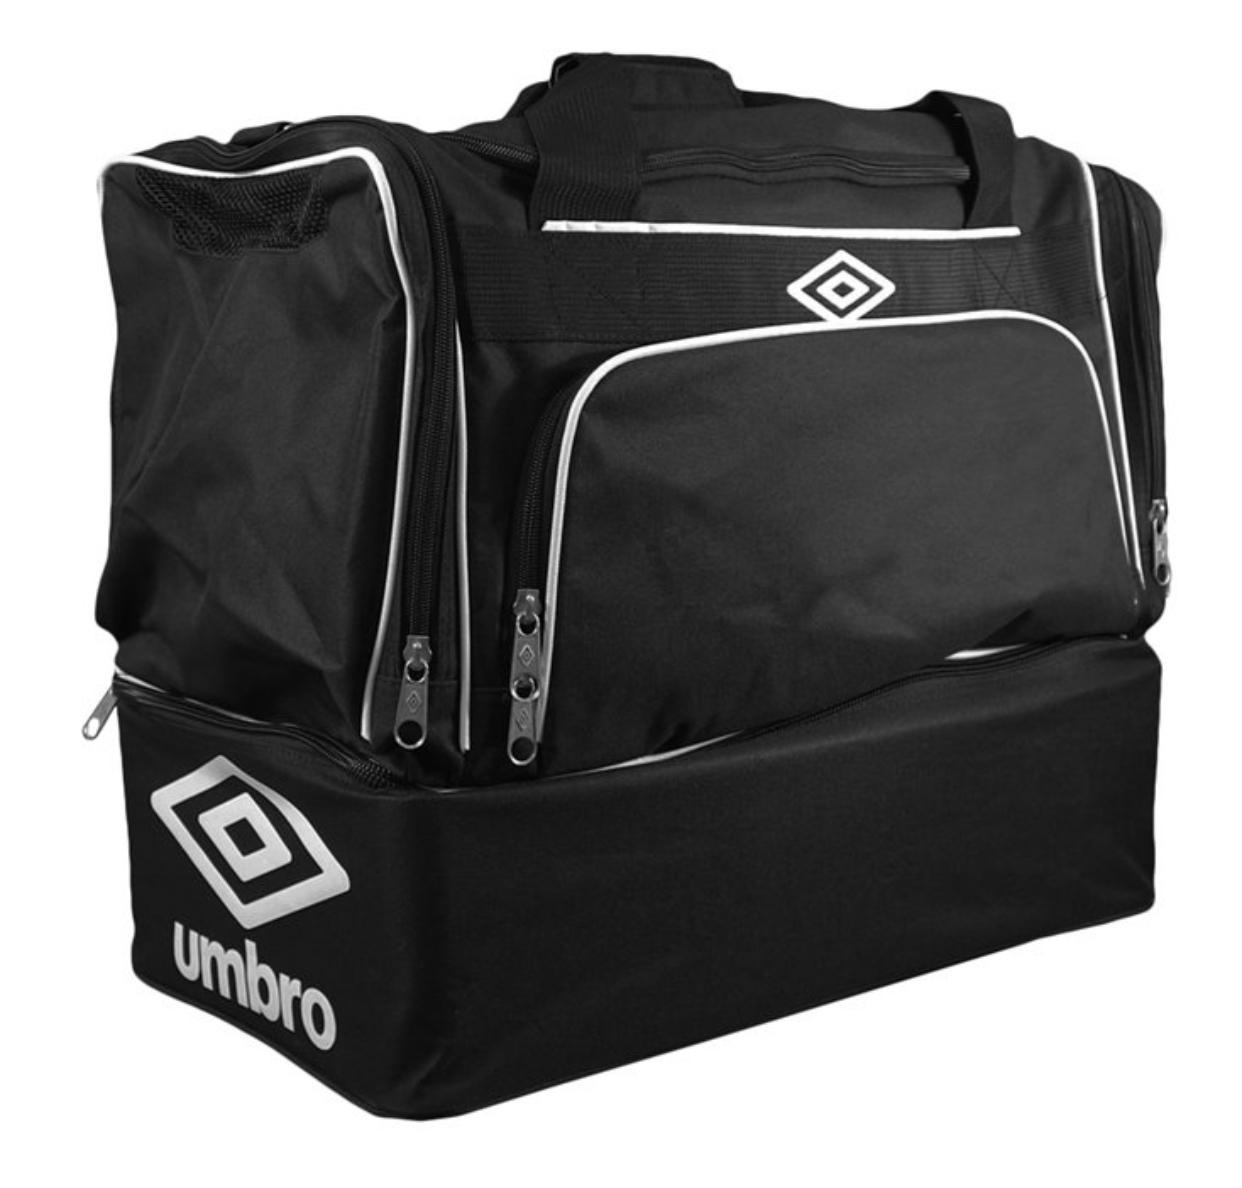 10er Set Umbro große Sporttasche mit extra Bodenfach